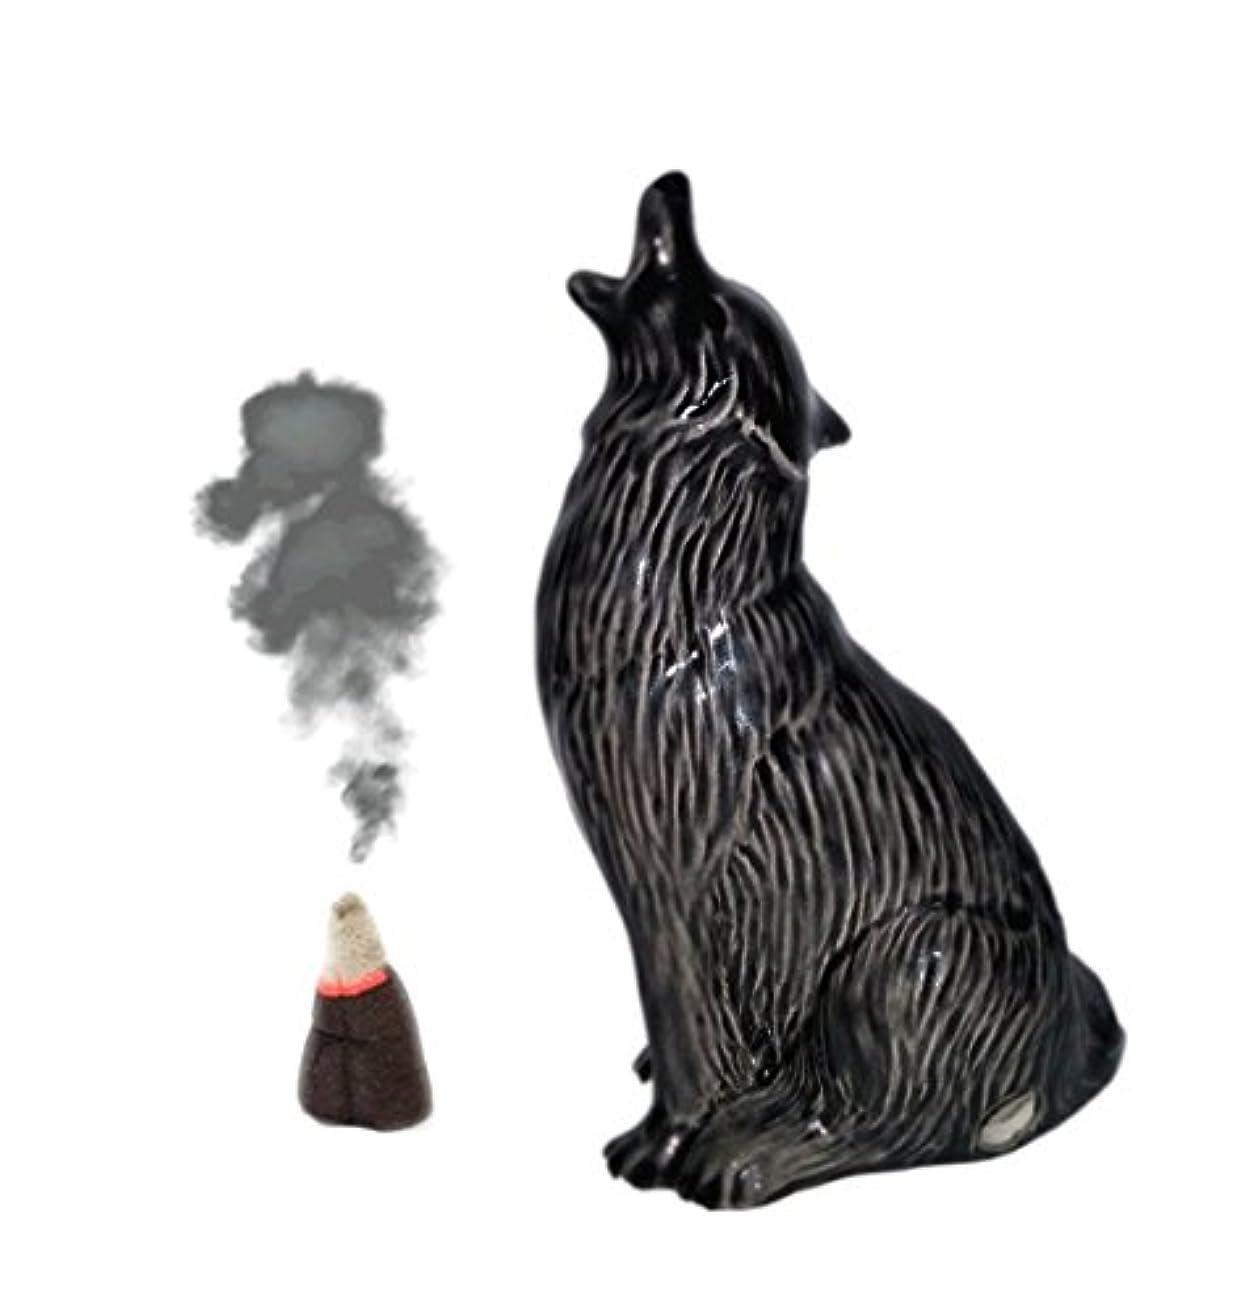 優れたリズミカルな病弱Howling Wolf Cone Incense Burner S ブラック